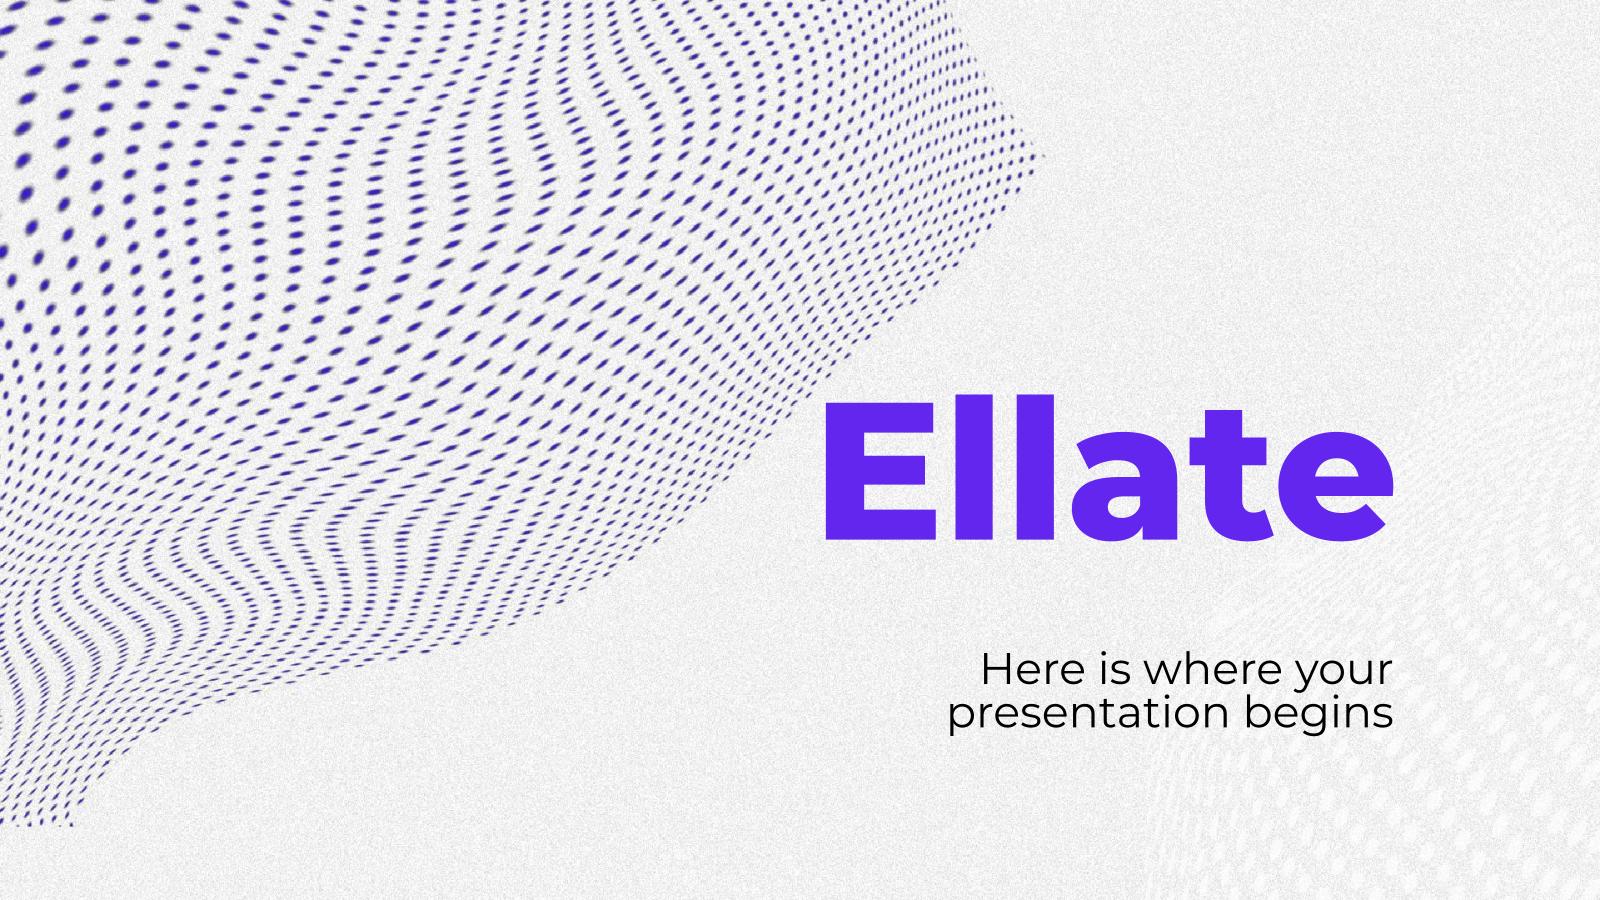 Modelo de apresentação Ellate